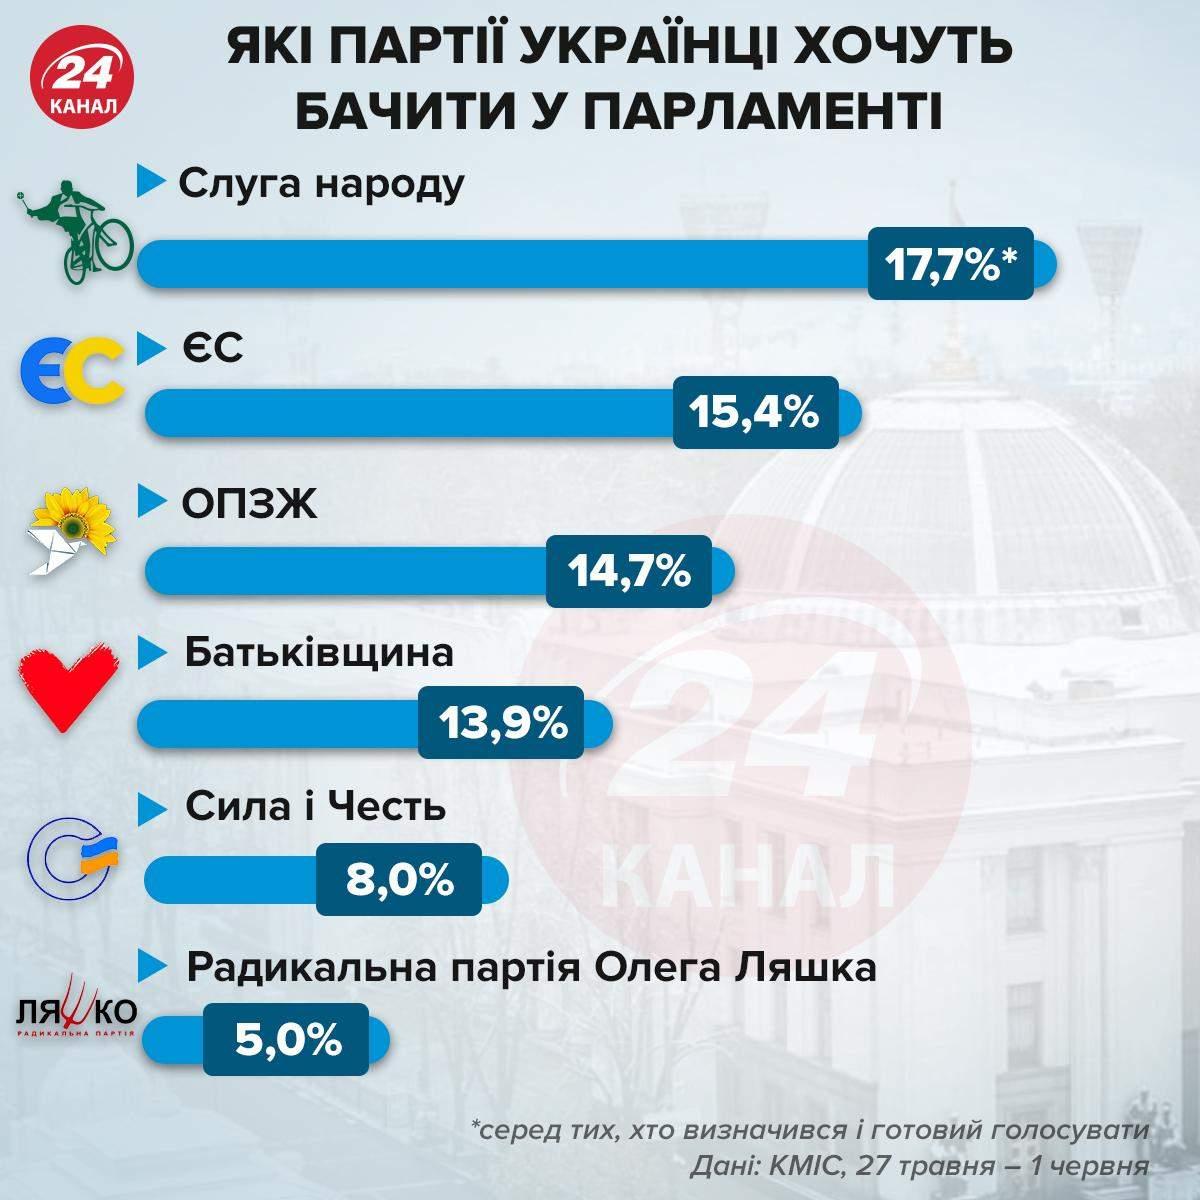 Які партії українці хочуть бачити у парламенті / Інфографіка 24 каналу